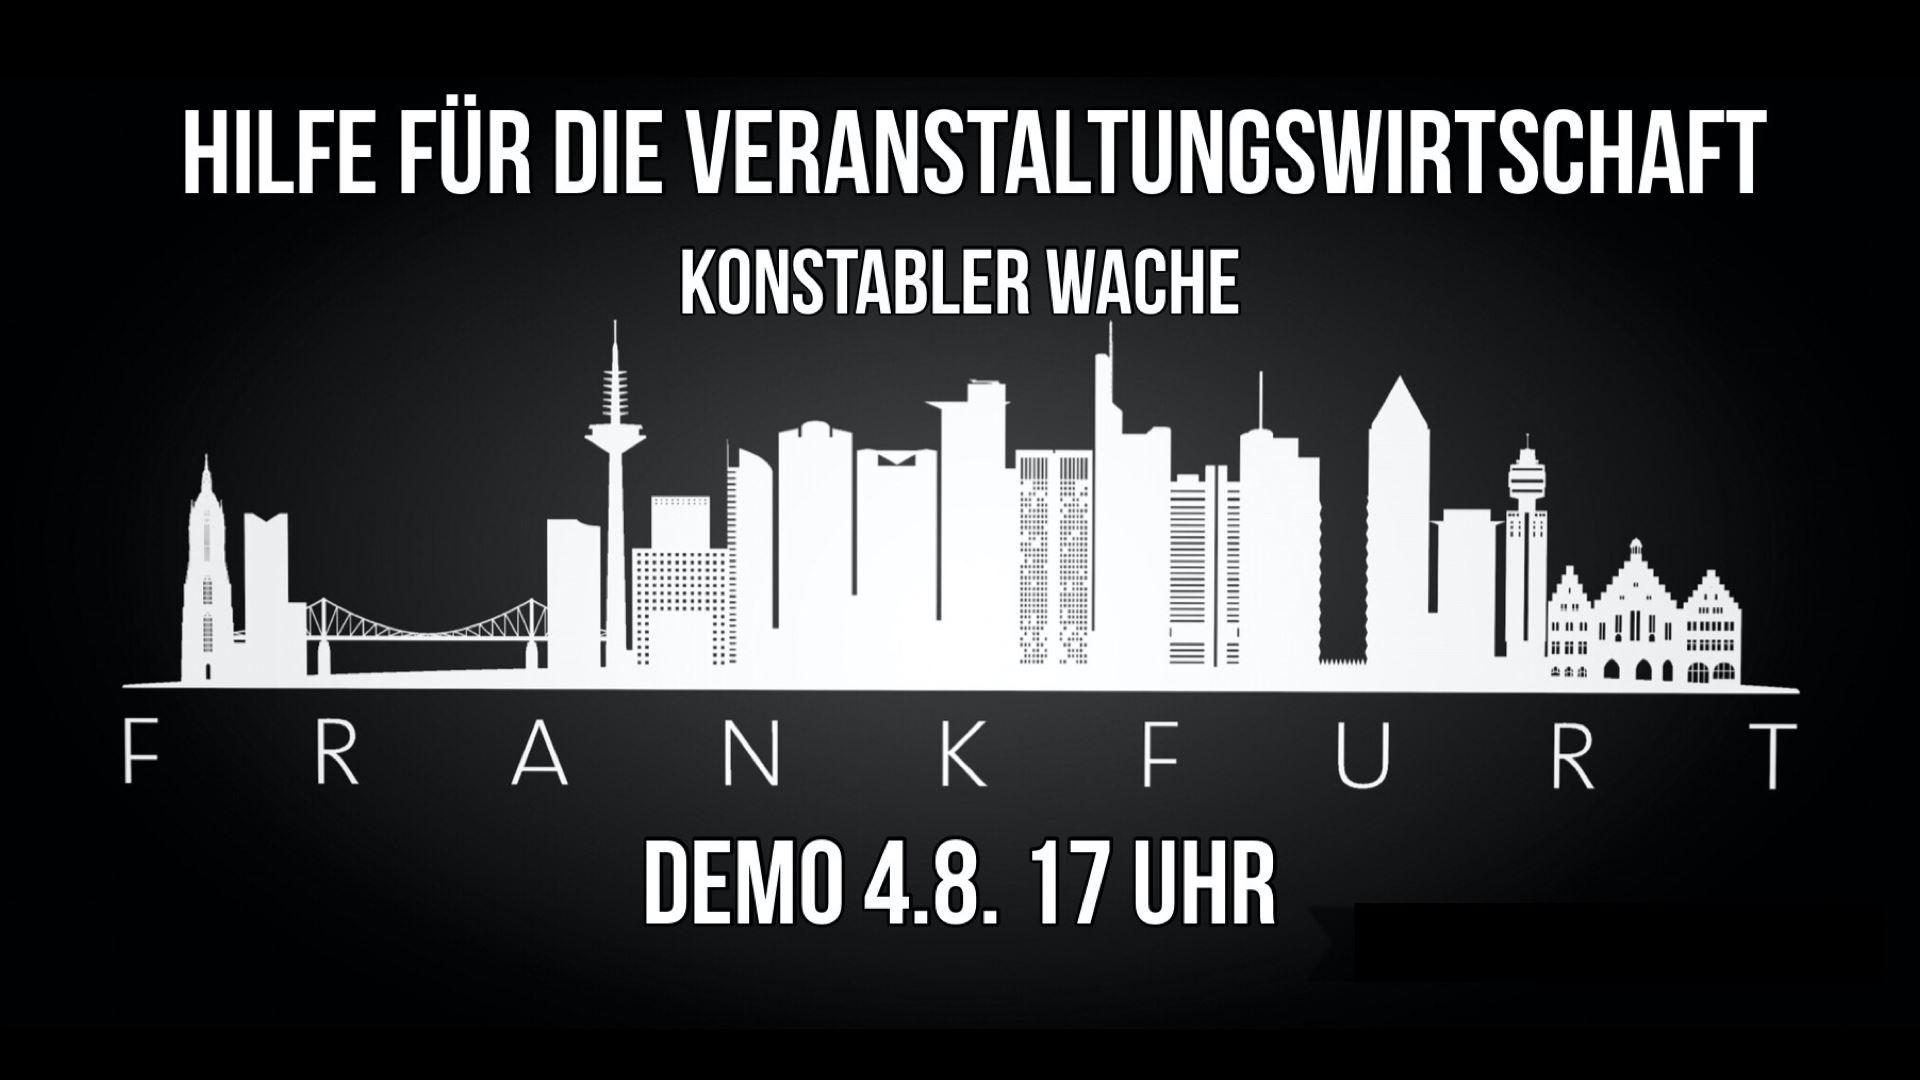 Alarmstufe Rot: Demo der Veranstaltungswirtschaft #wirfuereuch @Frankfurt Konstablerwache 04.08.2020